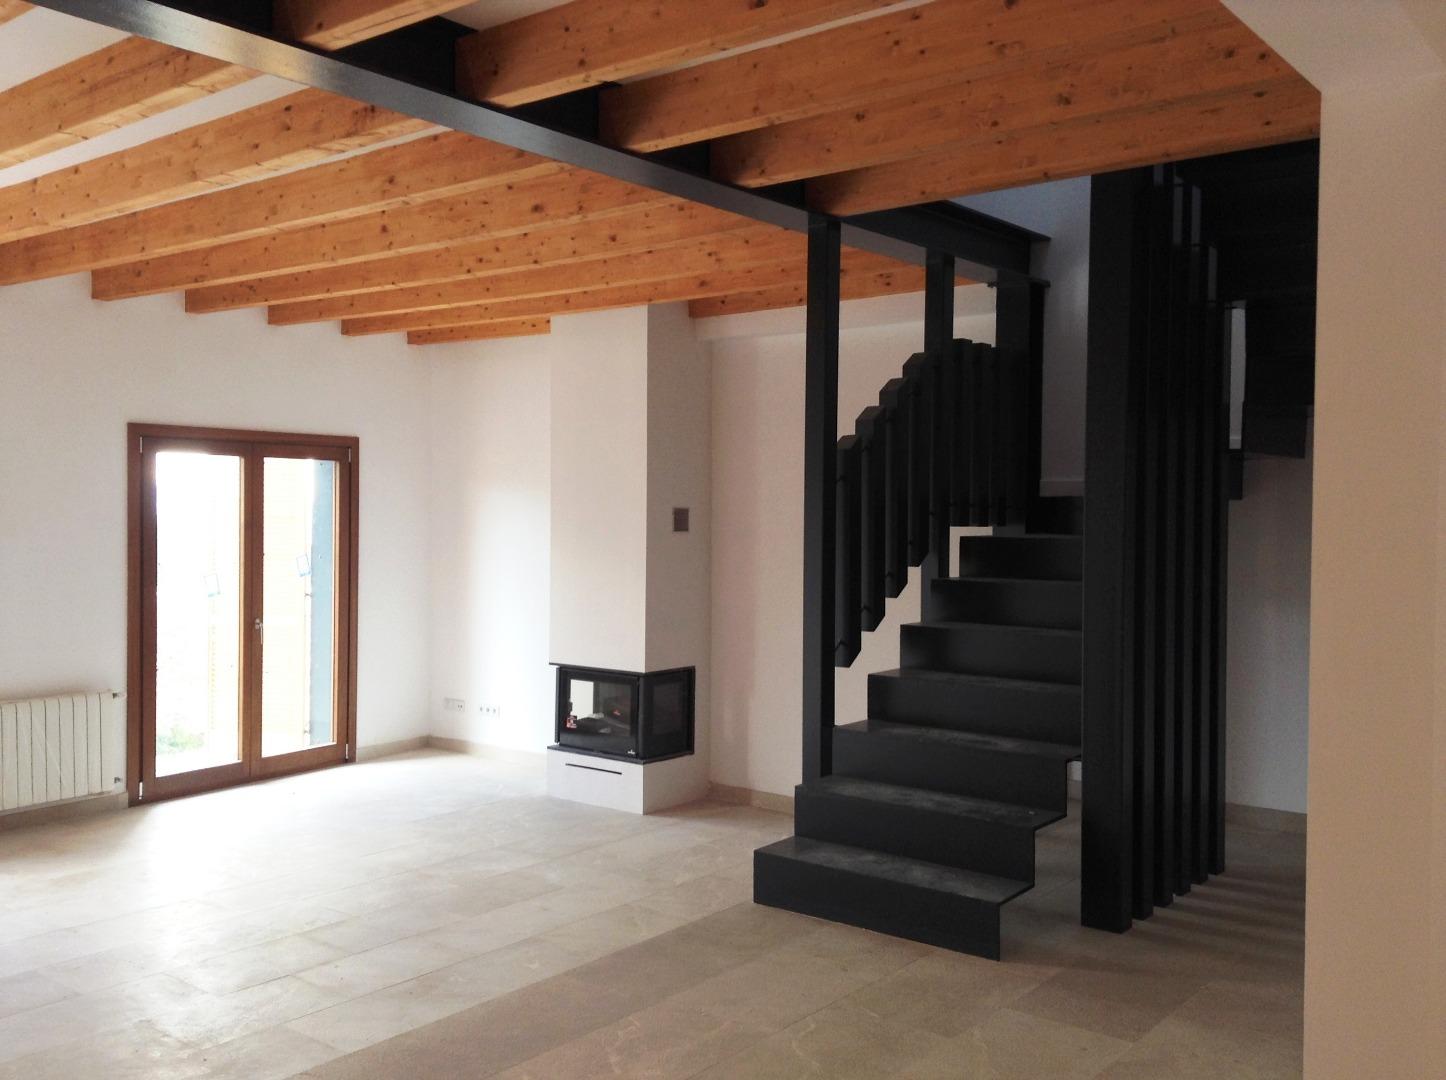 Lloguer Casa  Calle aim property, 77. Dos nuevas construcciones construidas y terminadas en 2018 por u